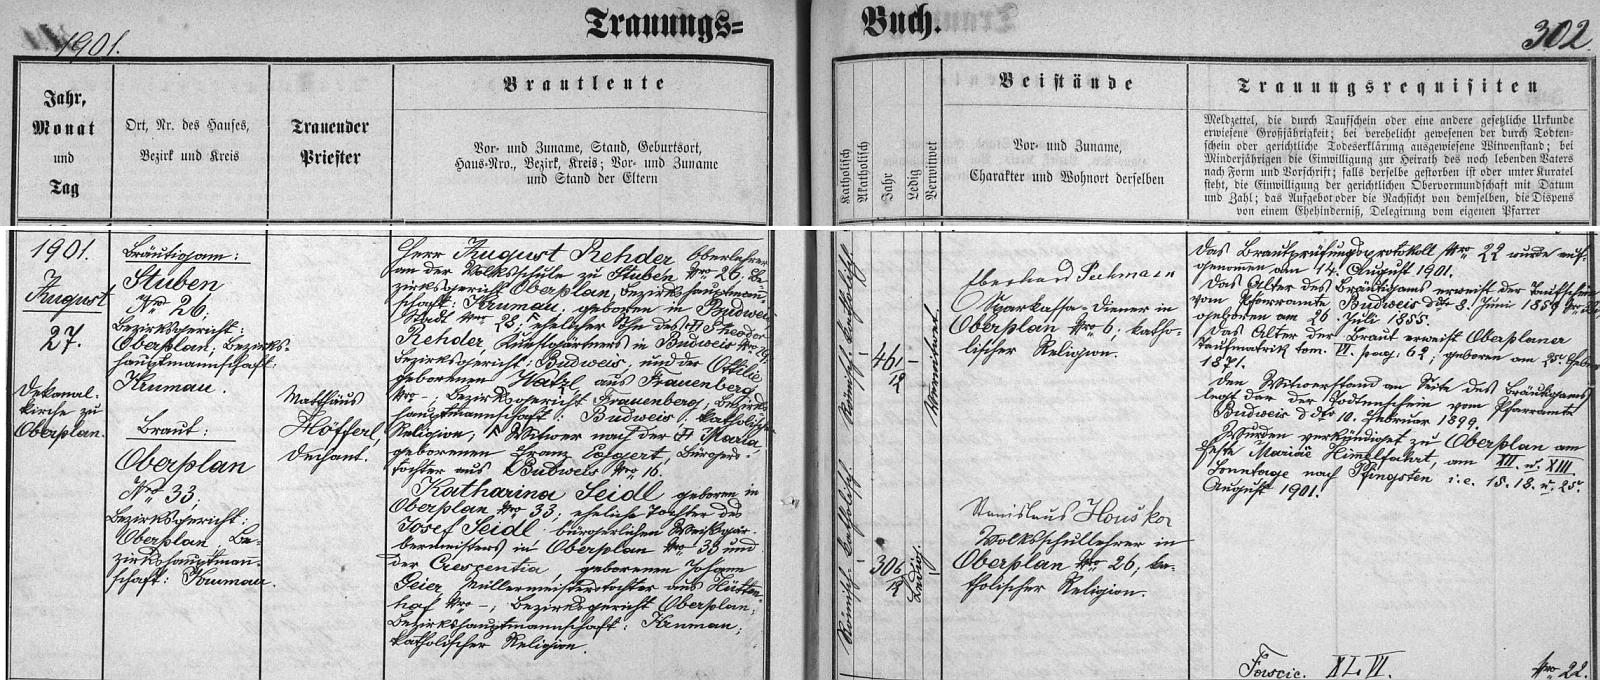 Podruhé se podle tohoto záznamu hornoplánské oddací matriky ženil v roce 1901 s Katharinou Seidlovou, dcerou zdejšího jircháře Josefa Seidla a Crescentie, roz. Geierové, mlynářské dcery z Huťského Dvora (Hüttenhof)